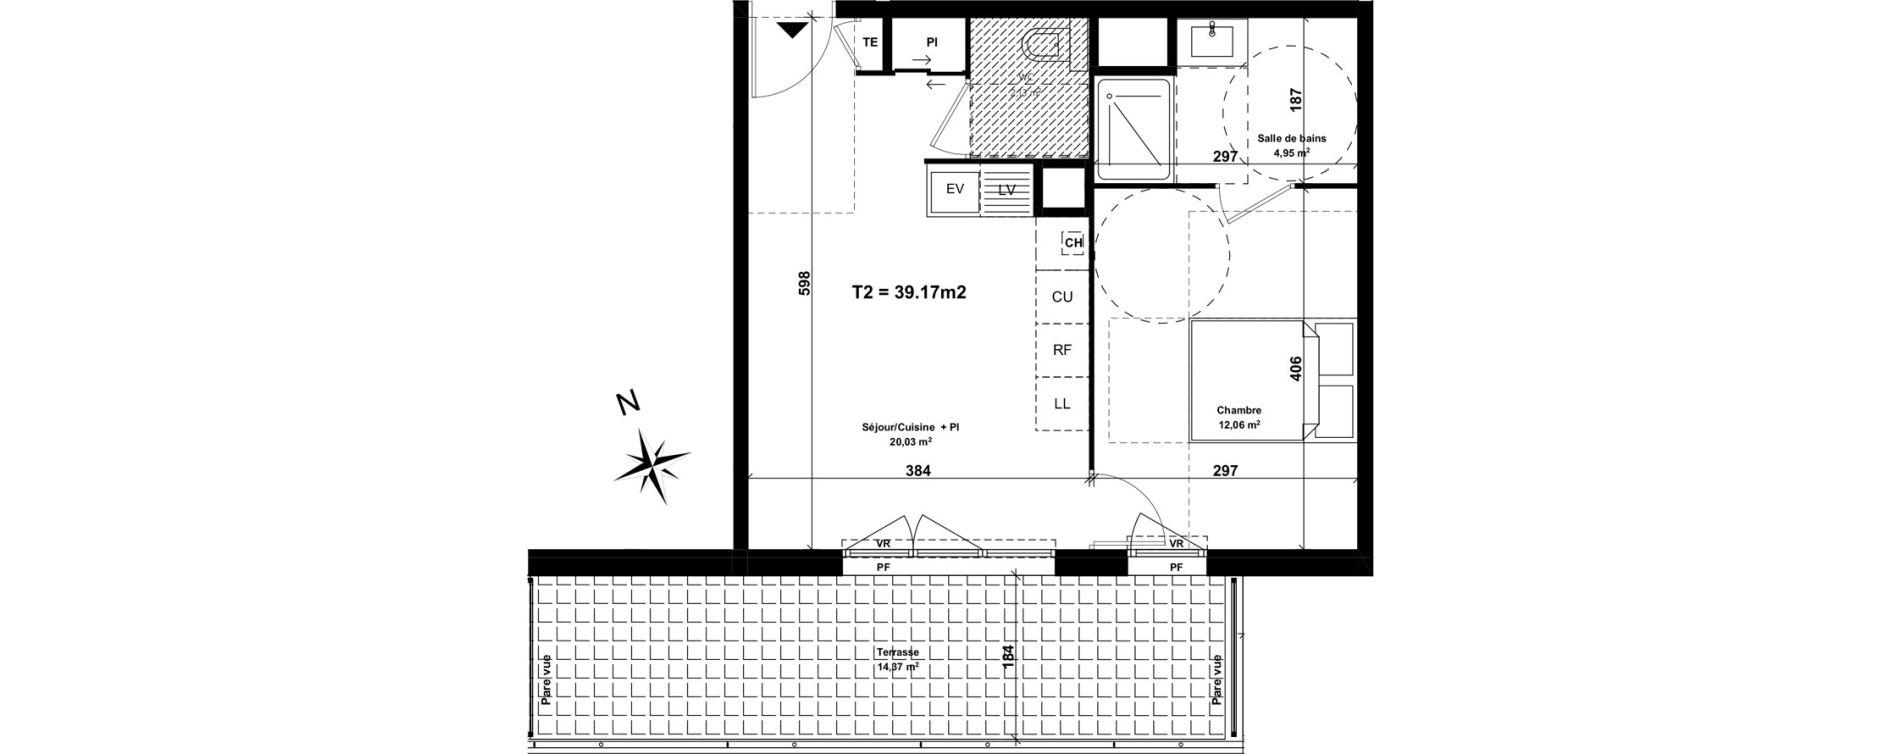 Appartement T2 de 39,17 m2 à Marseille Saint-tronc (10eme)